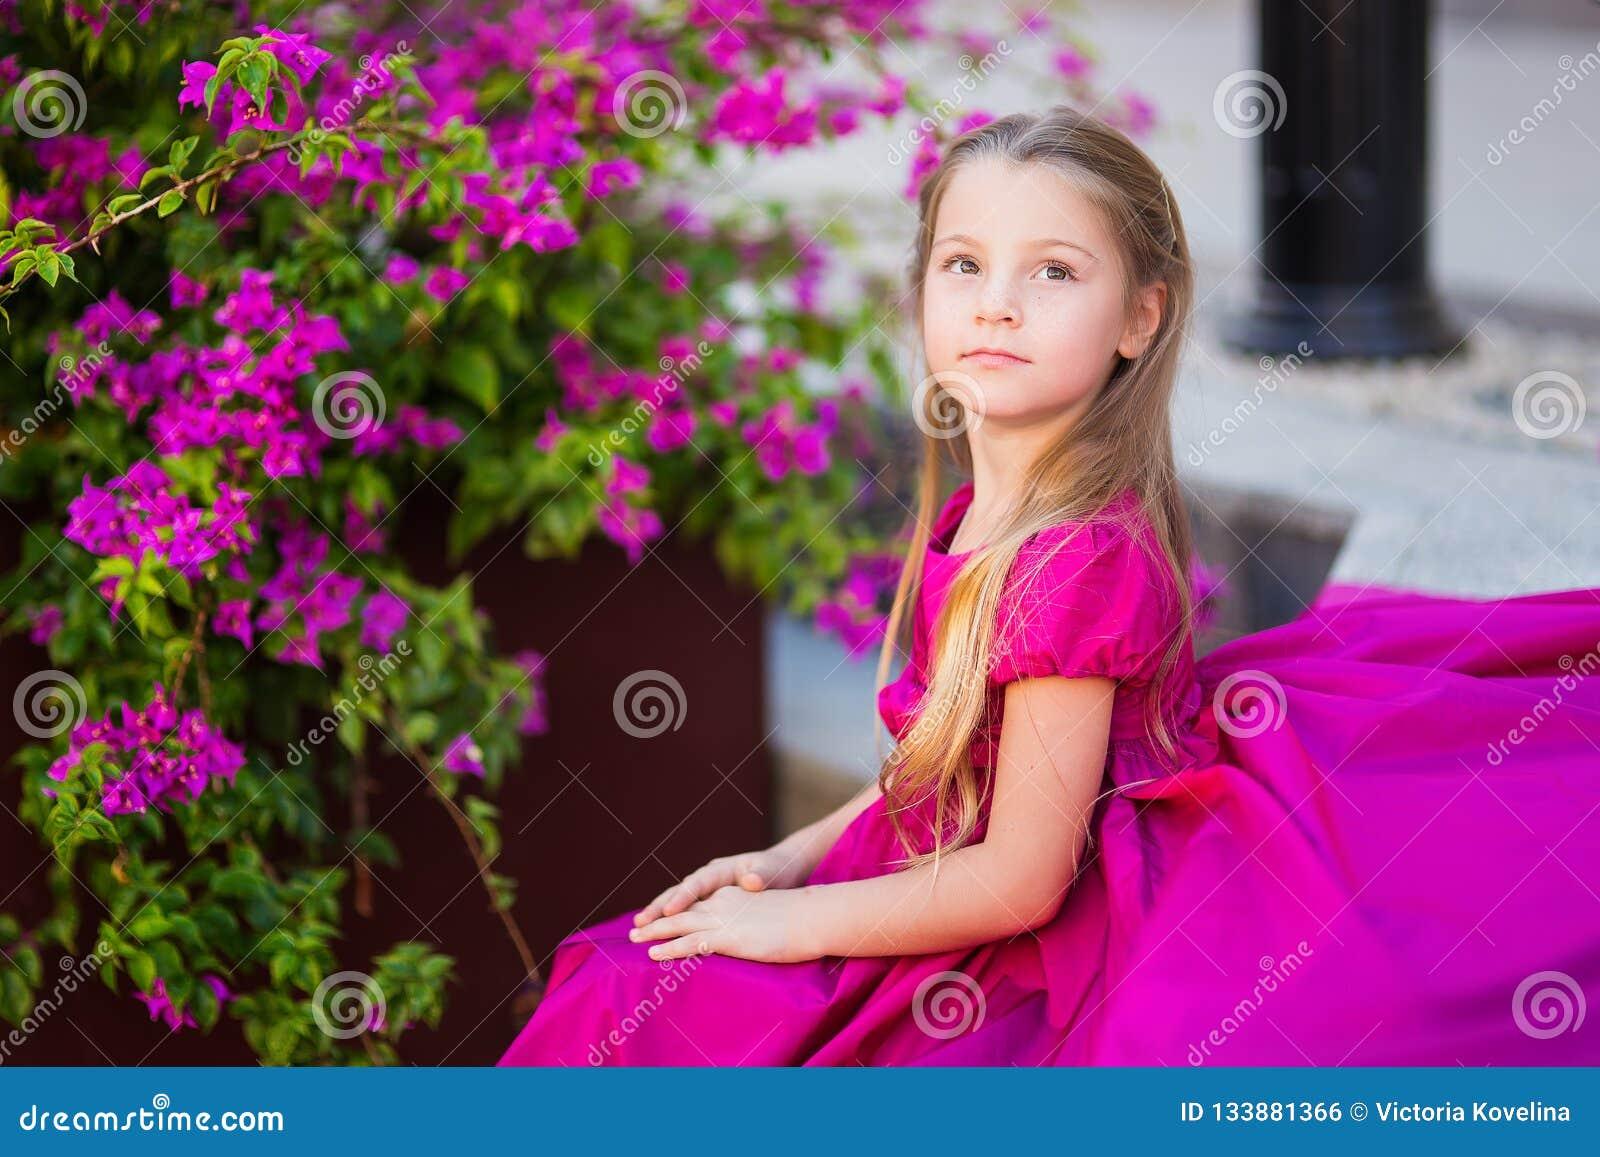 Portret śliczna piękna dziewczyna z długie włosy w princess sukni